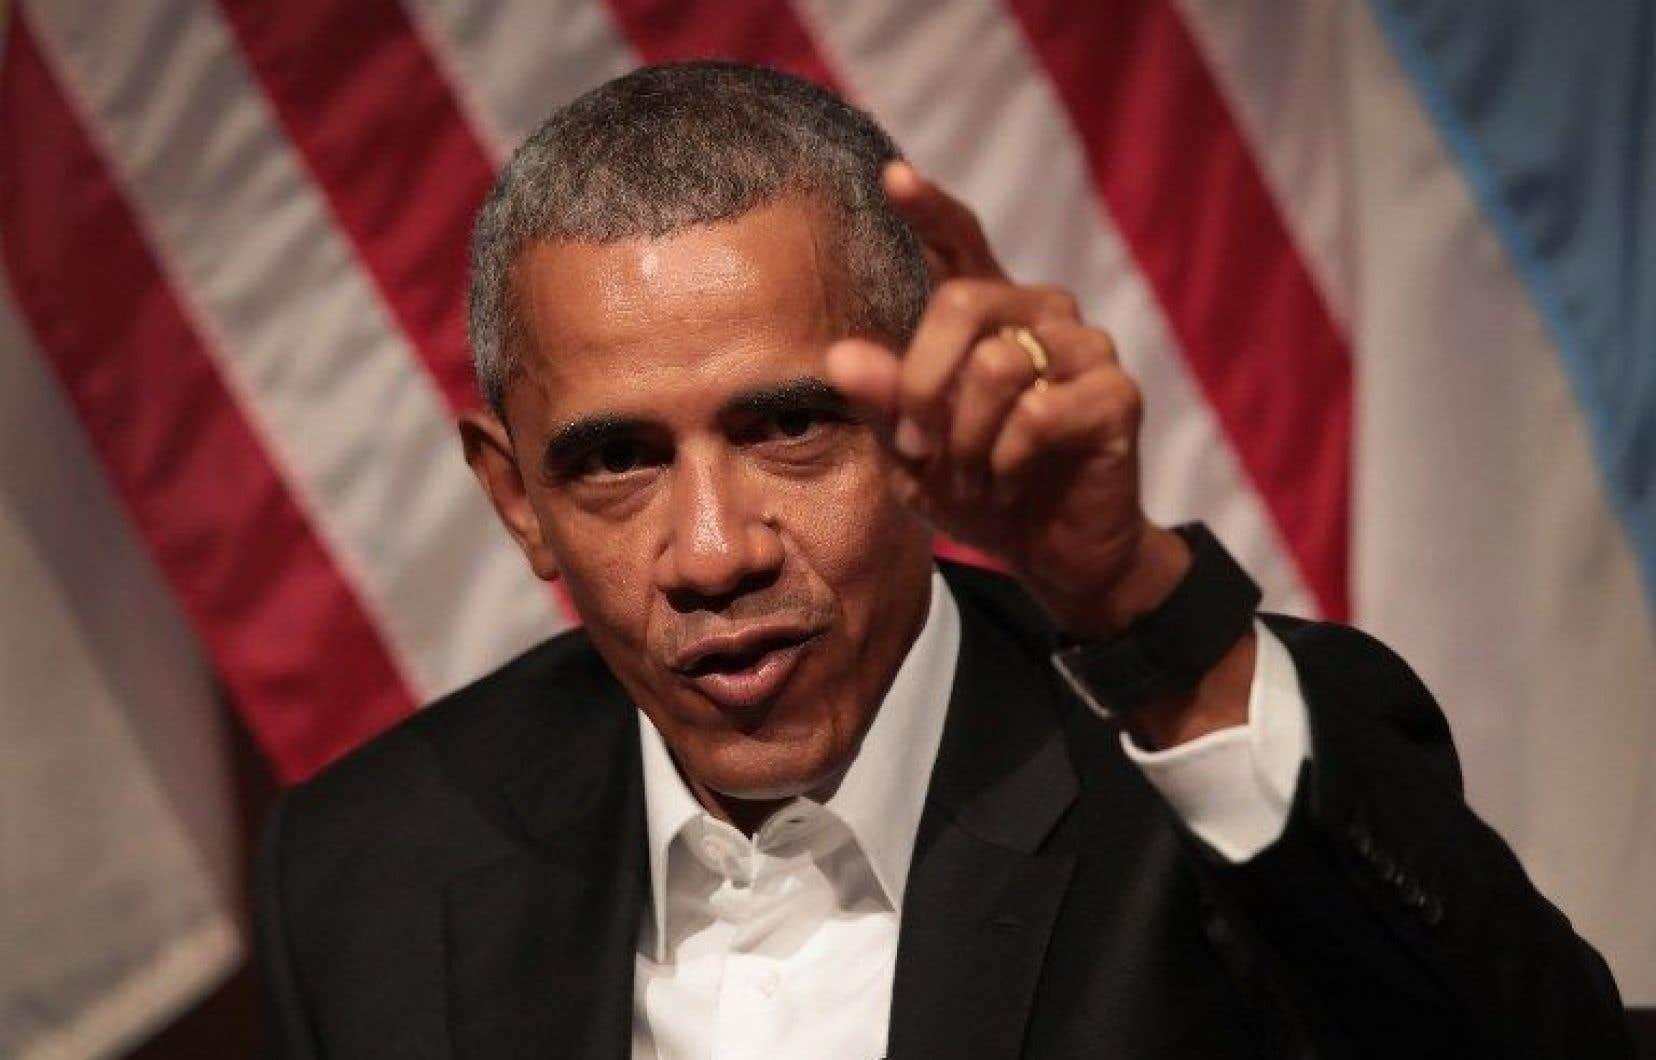 L'ancien président des États-Unis Barack Obama